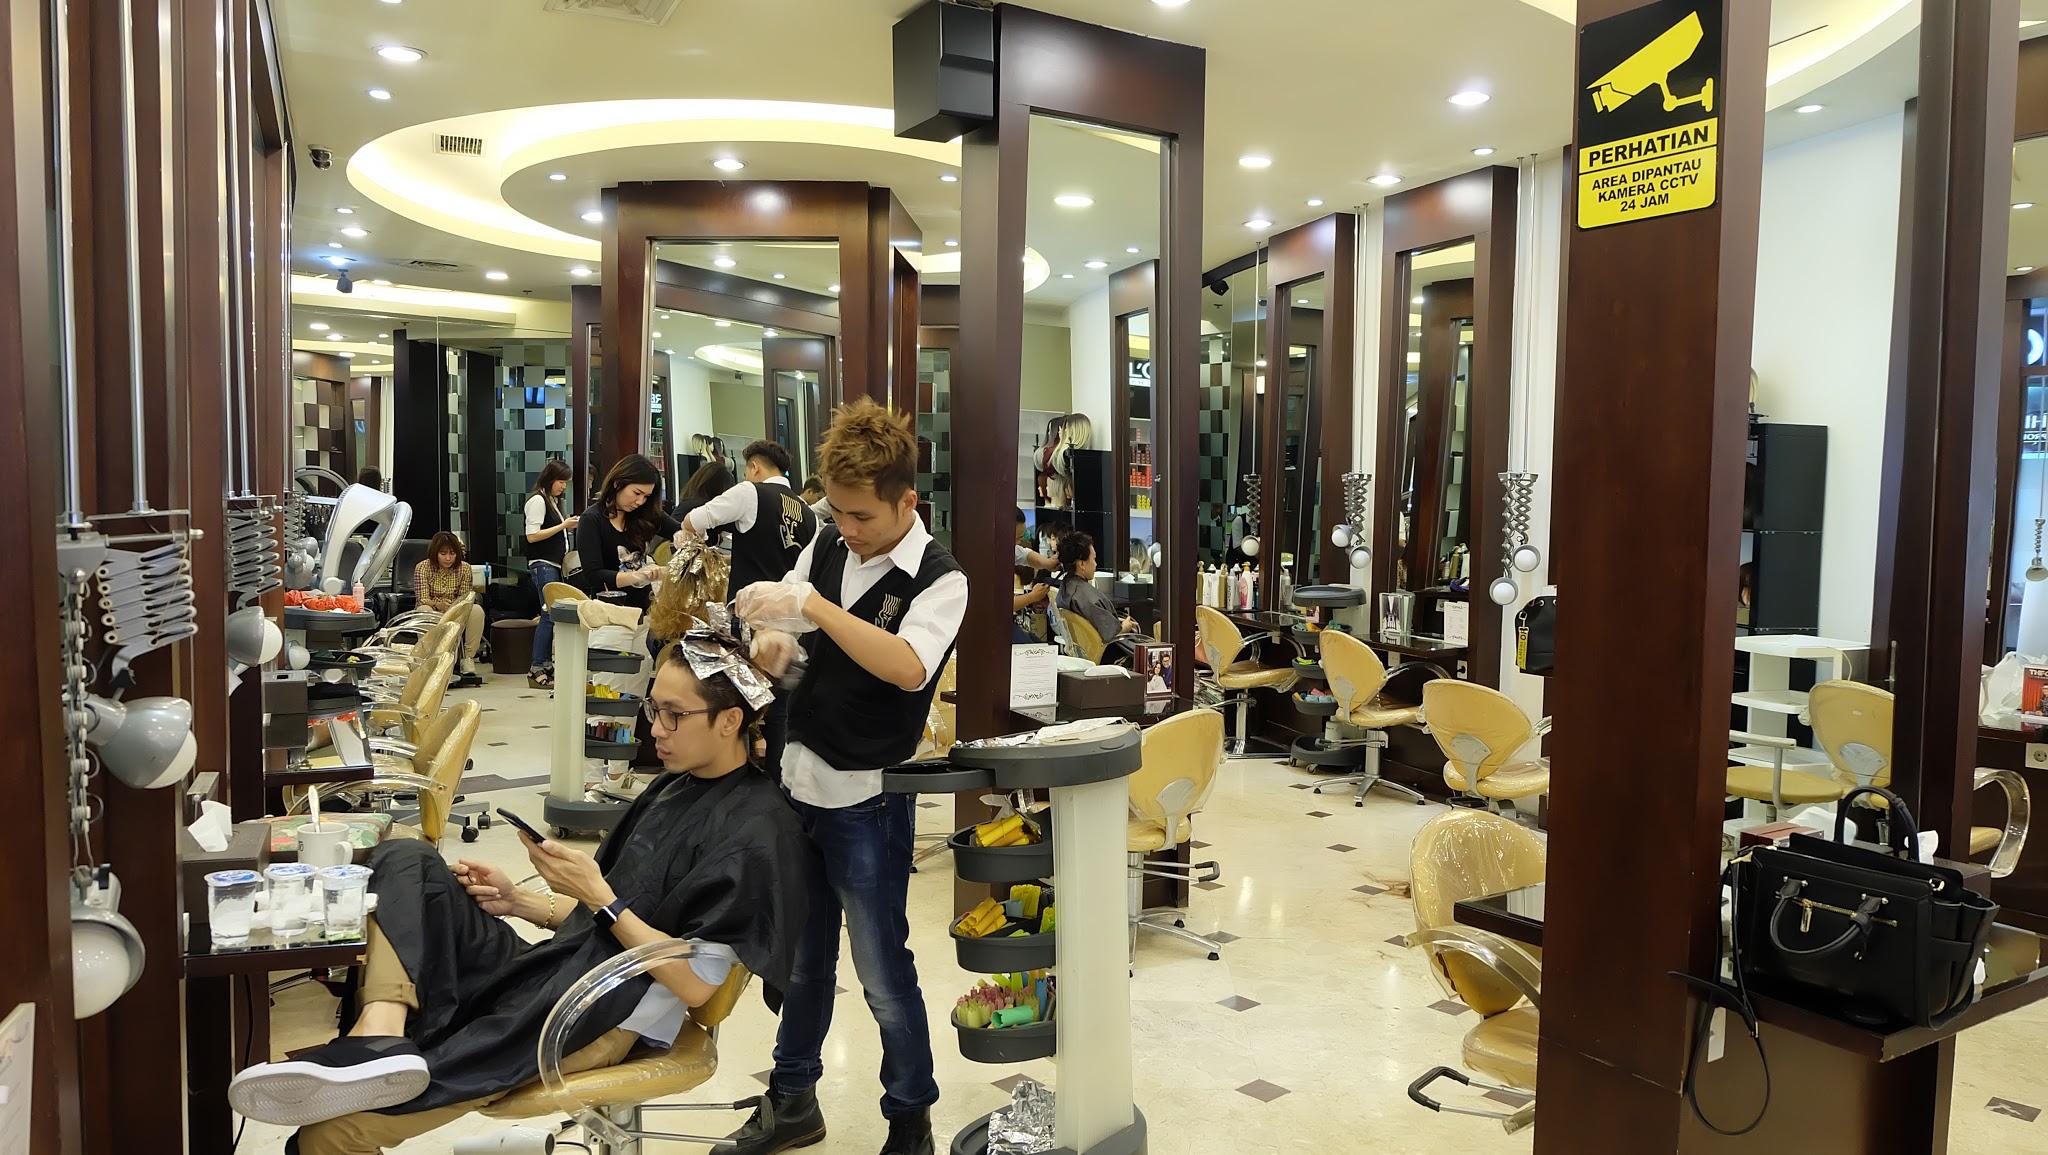 [Review] Hair Cut and Blow Dry at Chandra Gupta Hair & Beauty Salon